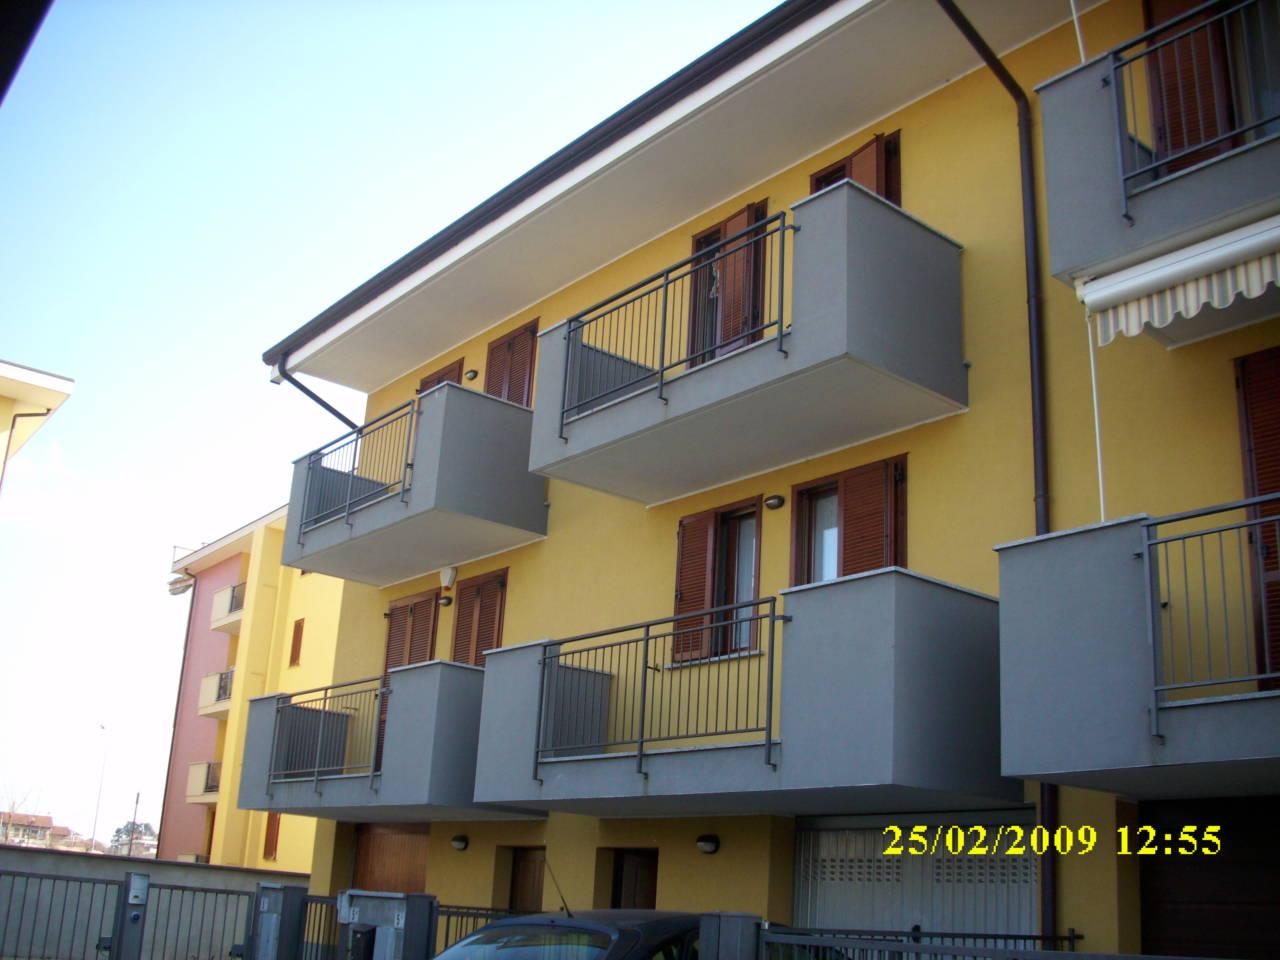 Trecate villa a schiera su 3 piani aurora consurgens for Villa a 3 piani